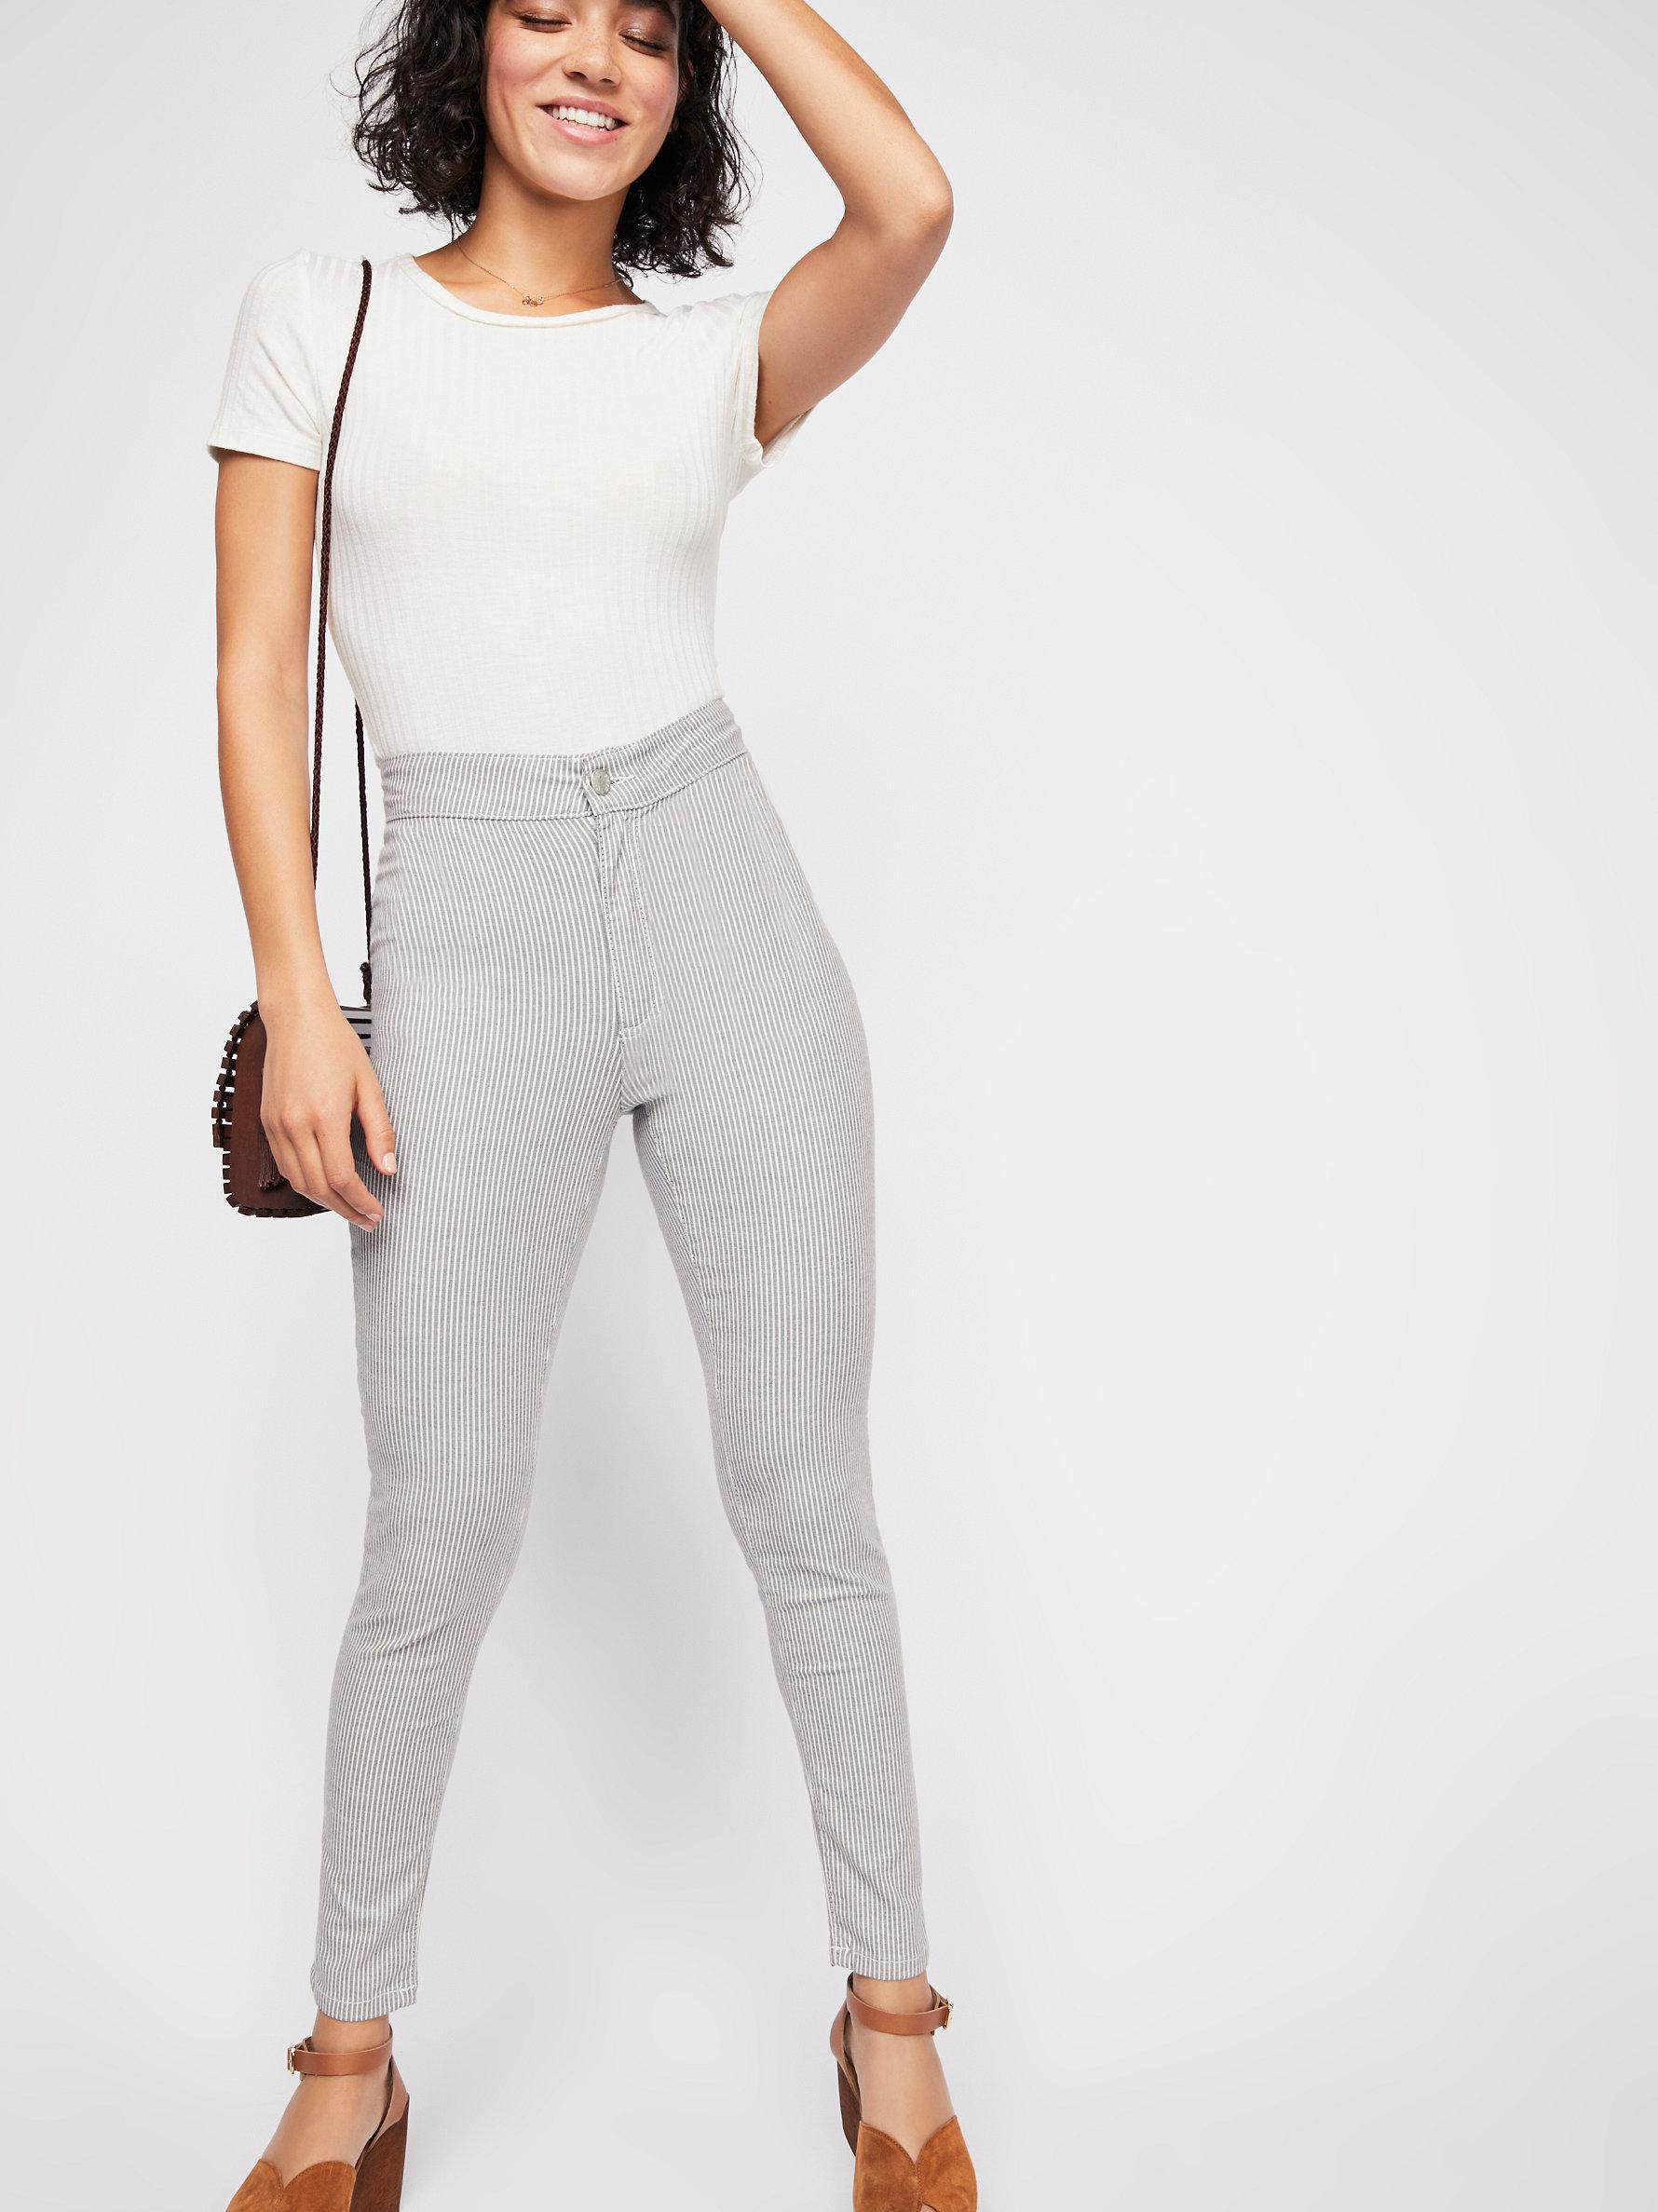 Lyst - Free People Belle Printed Skinny Pants